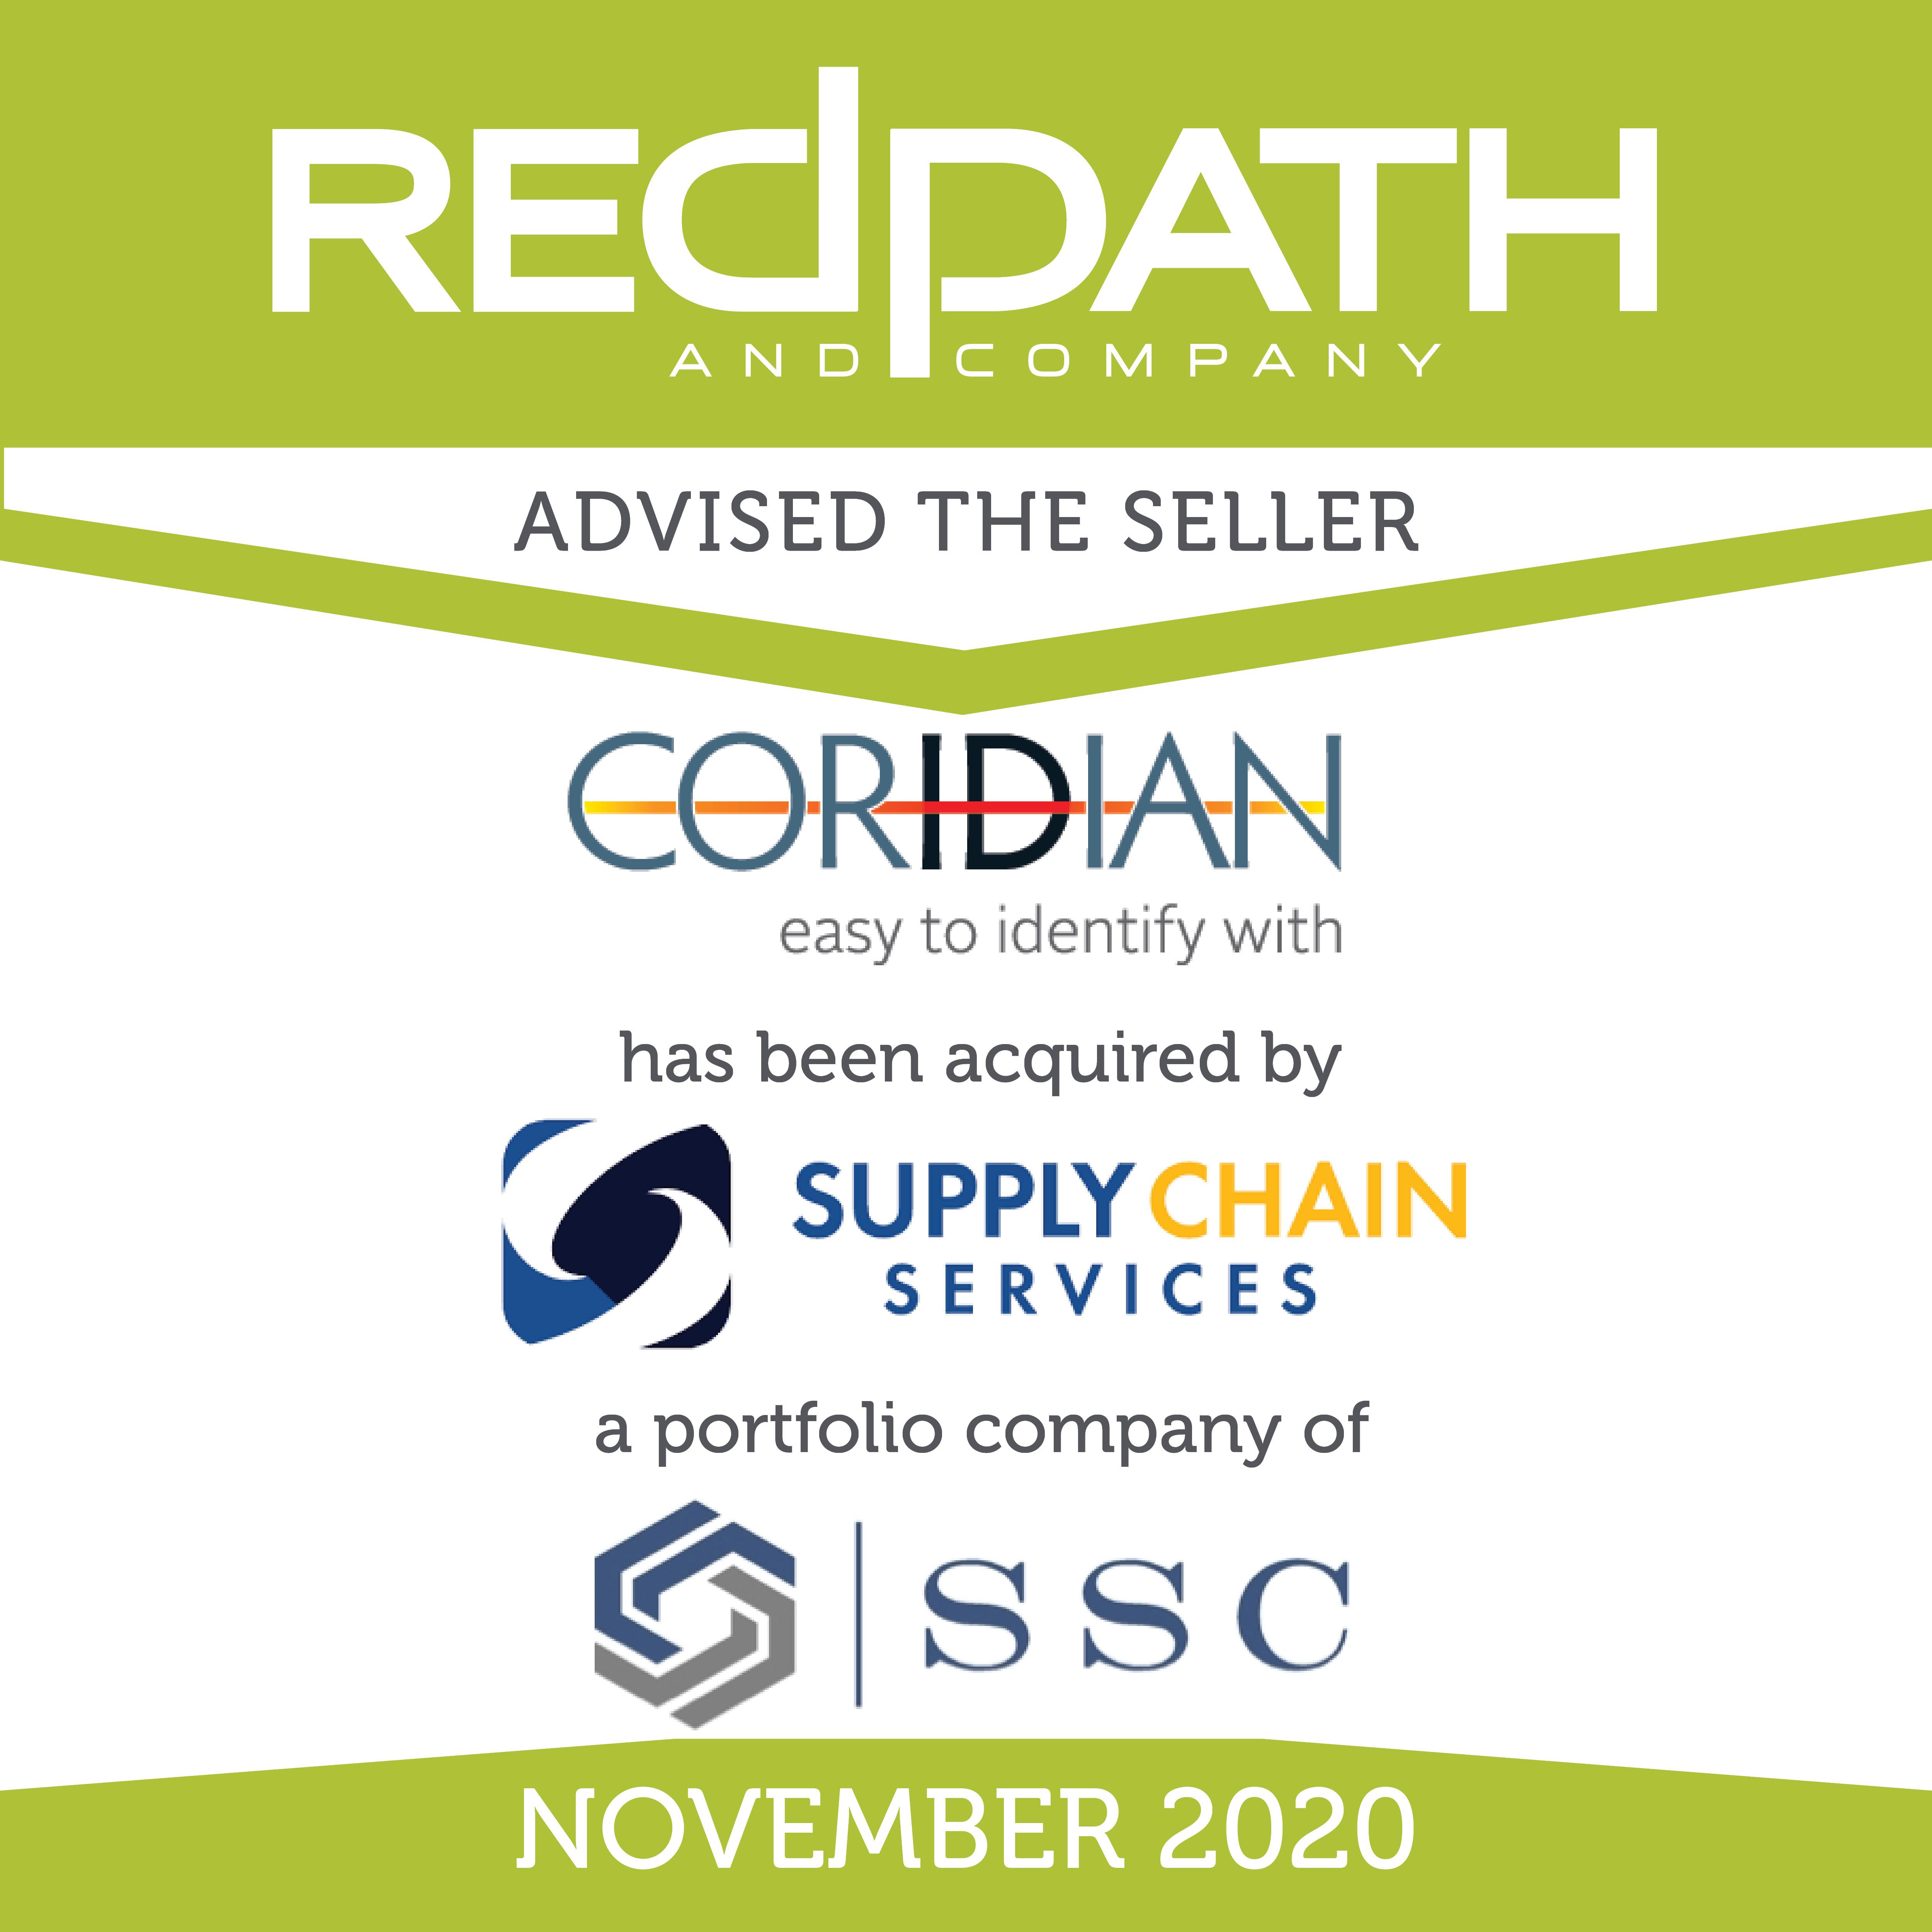 Coridian-SupplyChainSSC1120